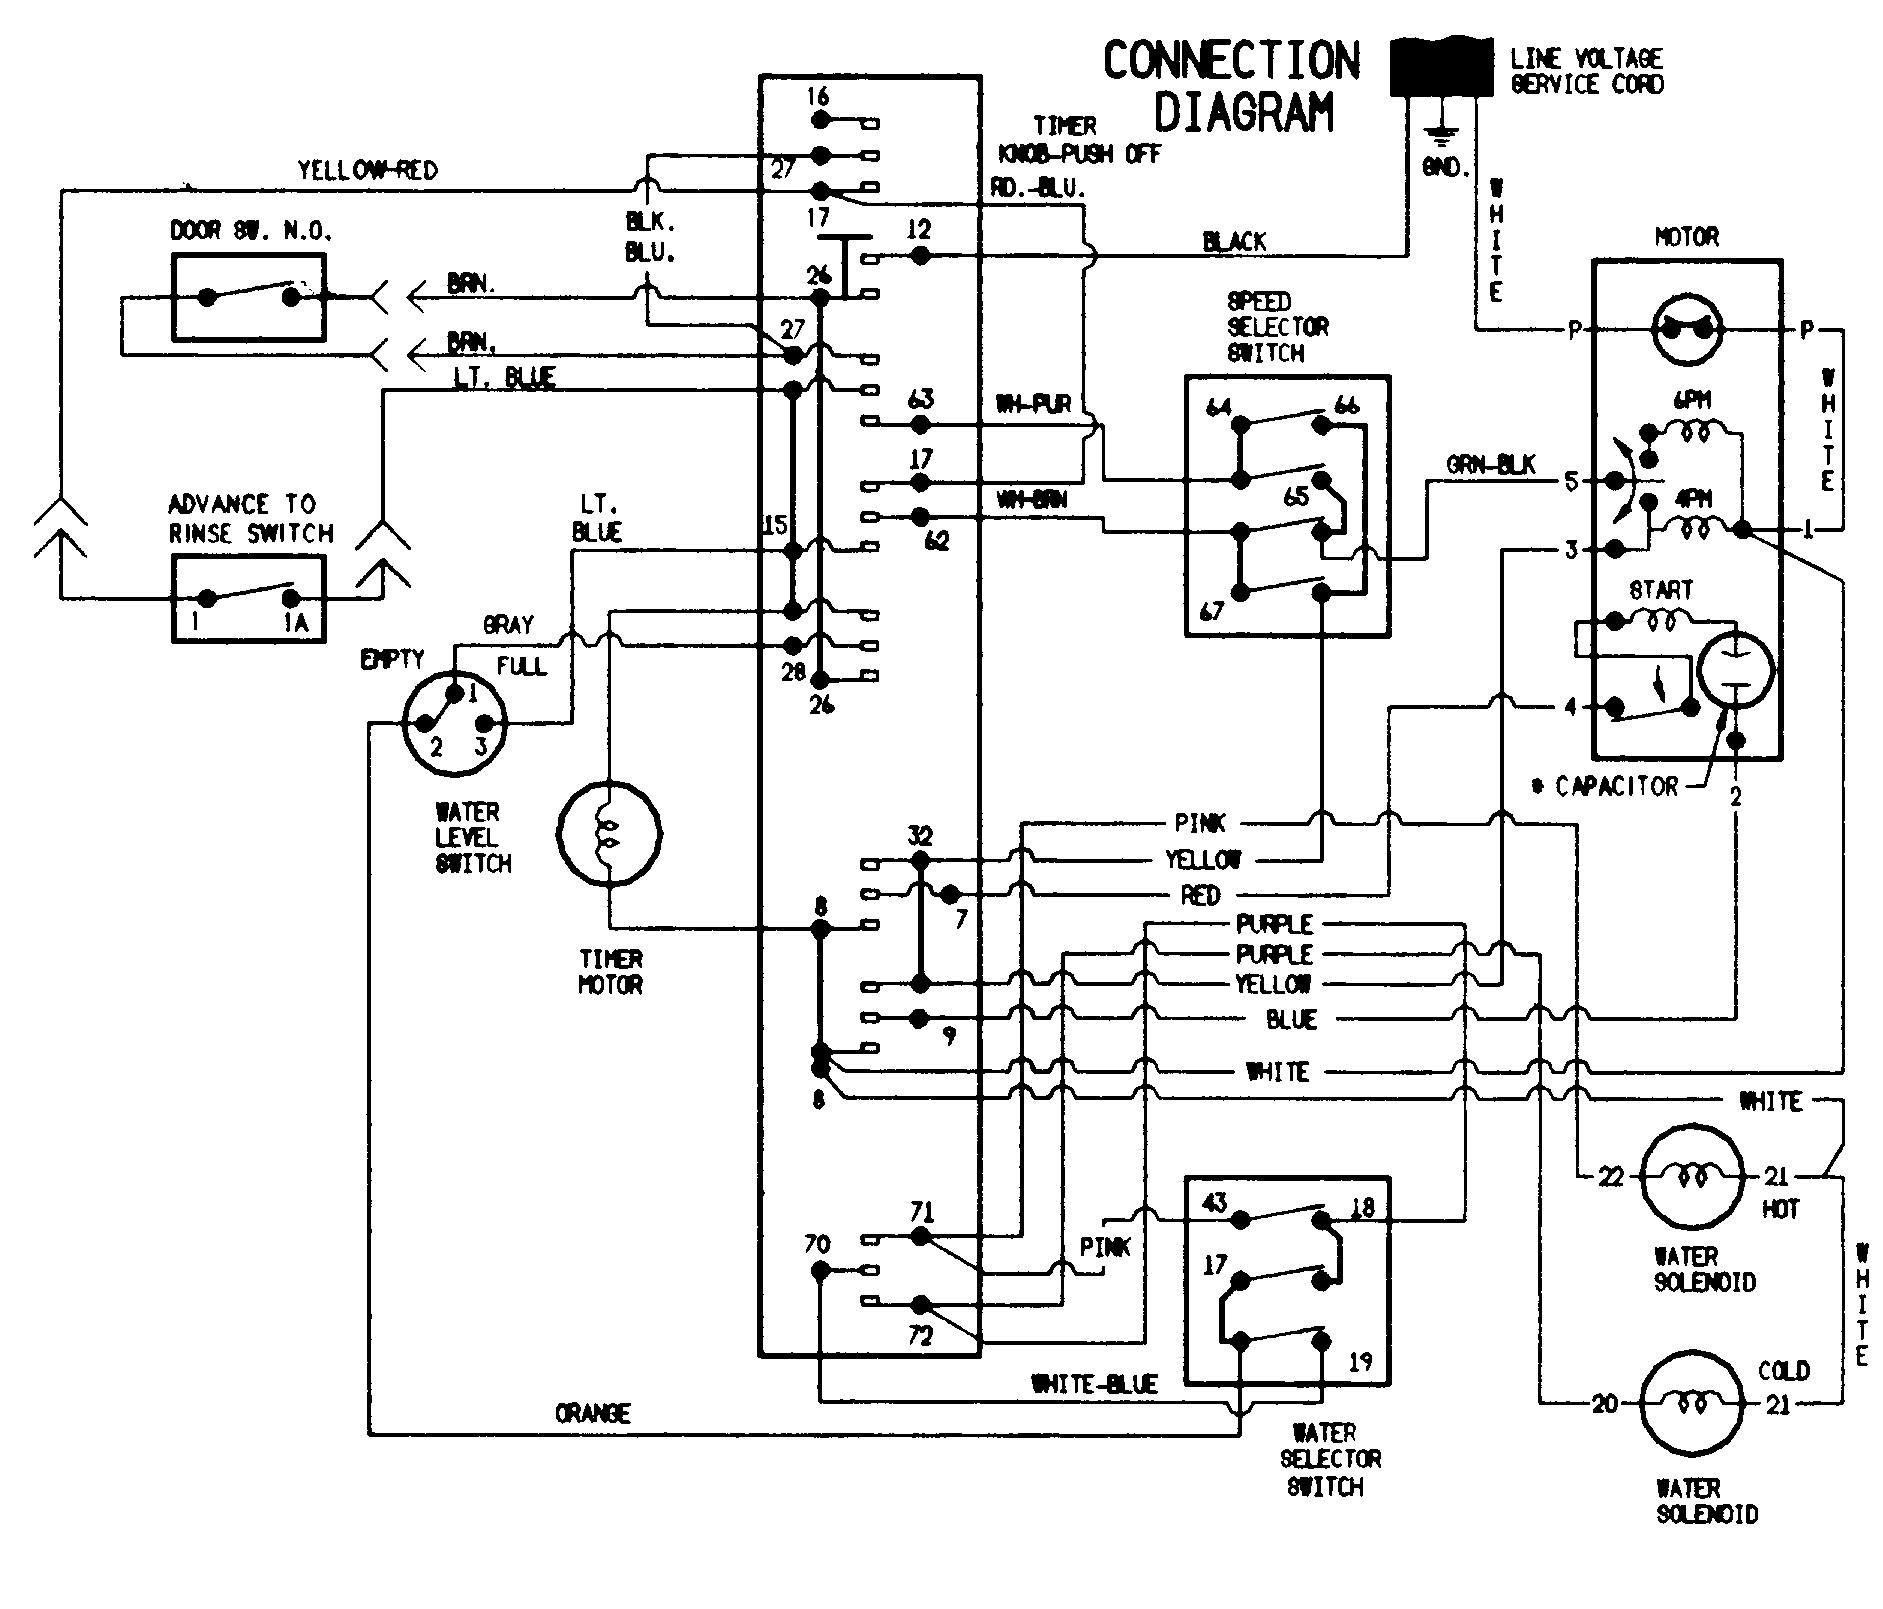 Model #79641003610 Kenmore Elite Washer Wiring Diagram Kenmore Washer Wiring Diagram